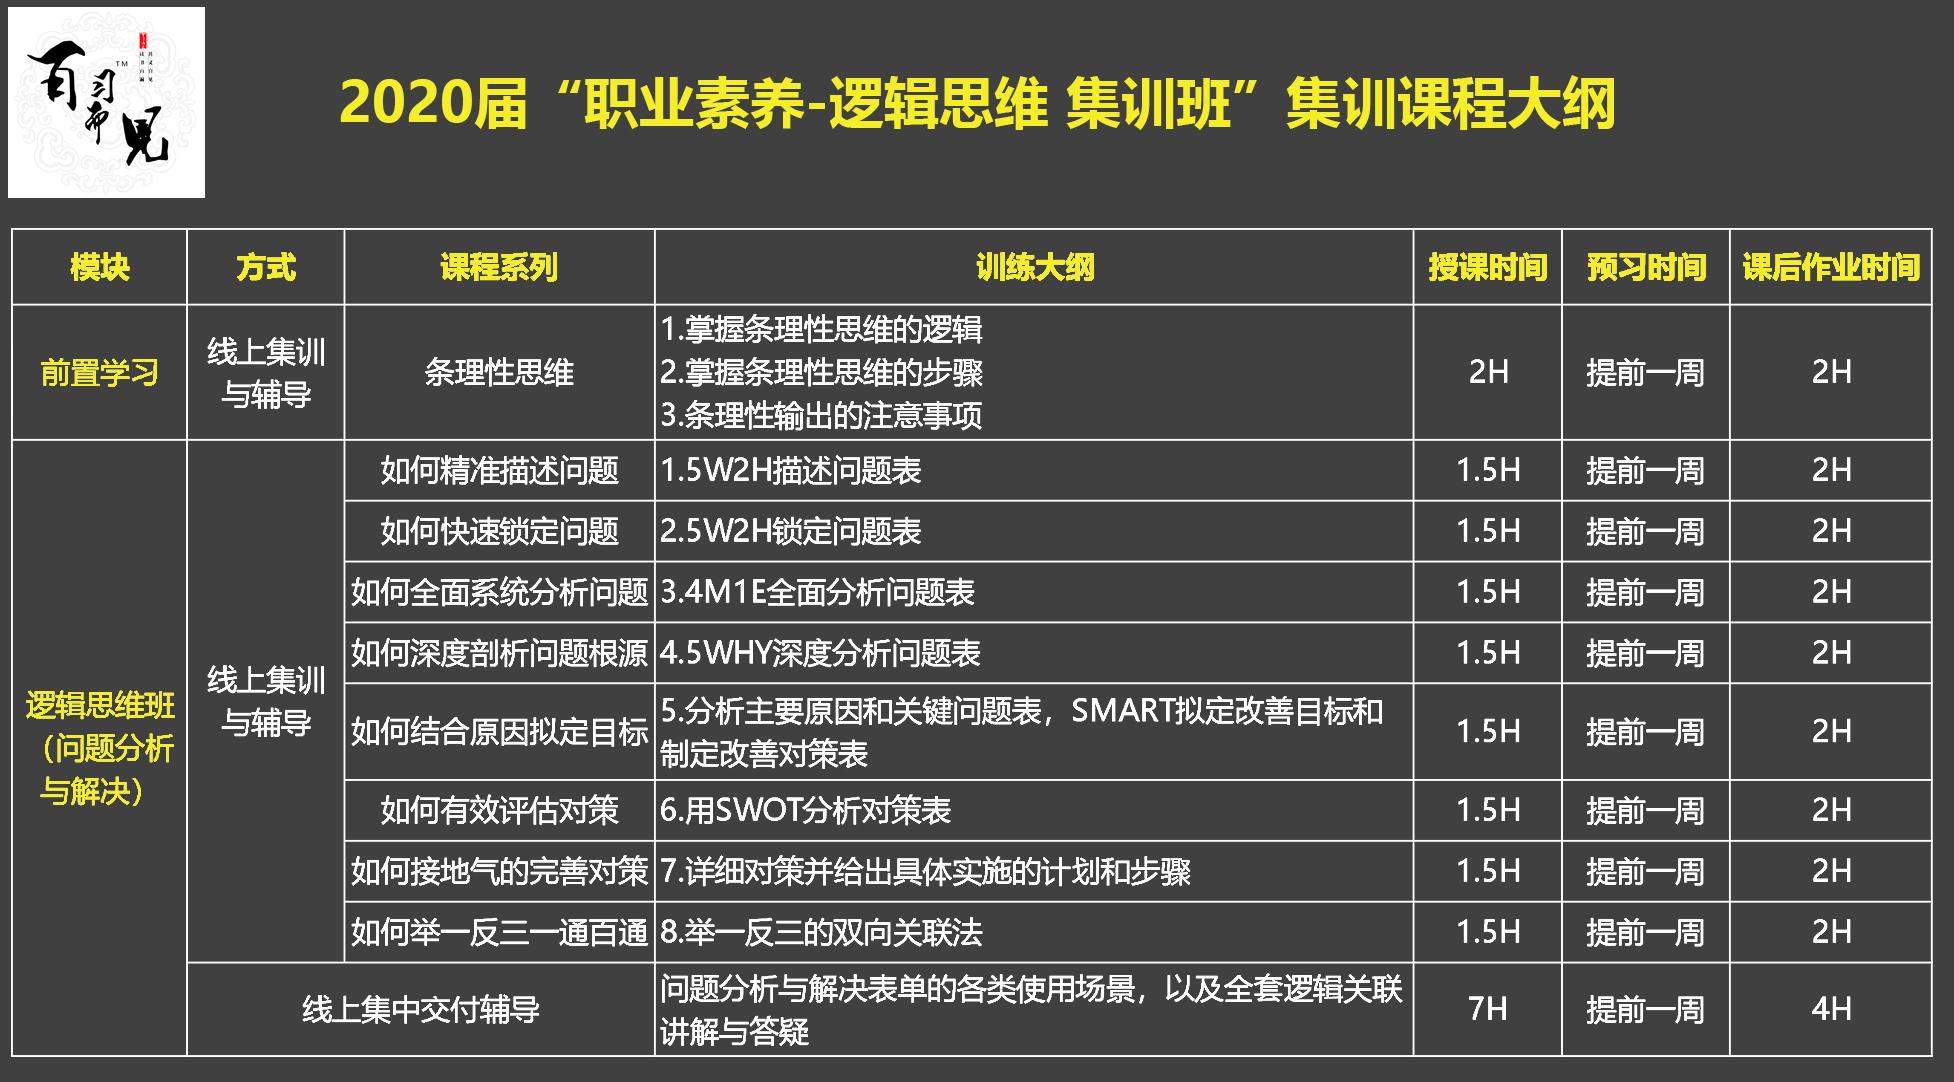 """2020届""""职业素养-逻辑思维 集训班""""集训课程大纲.jpg"""